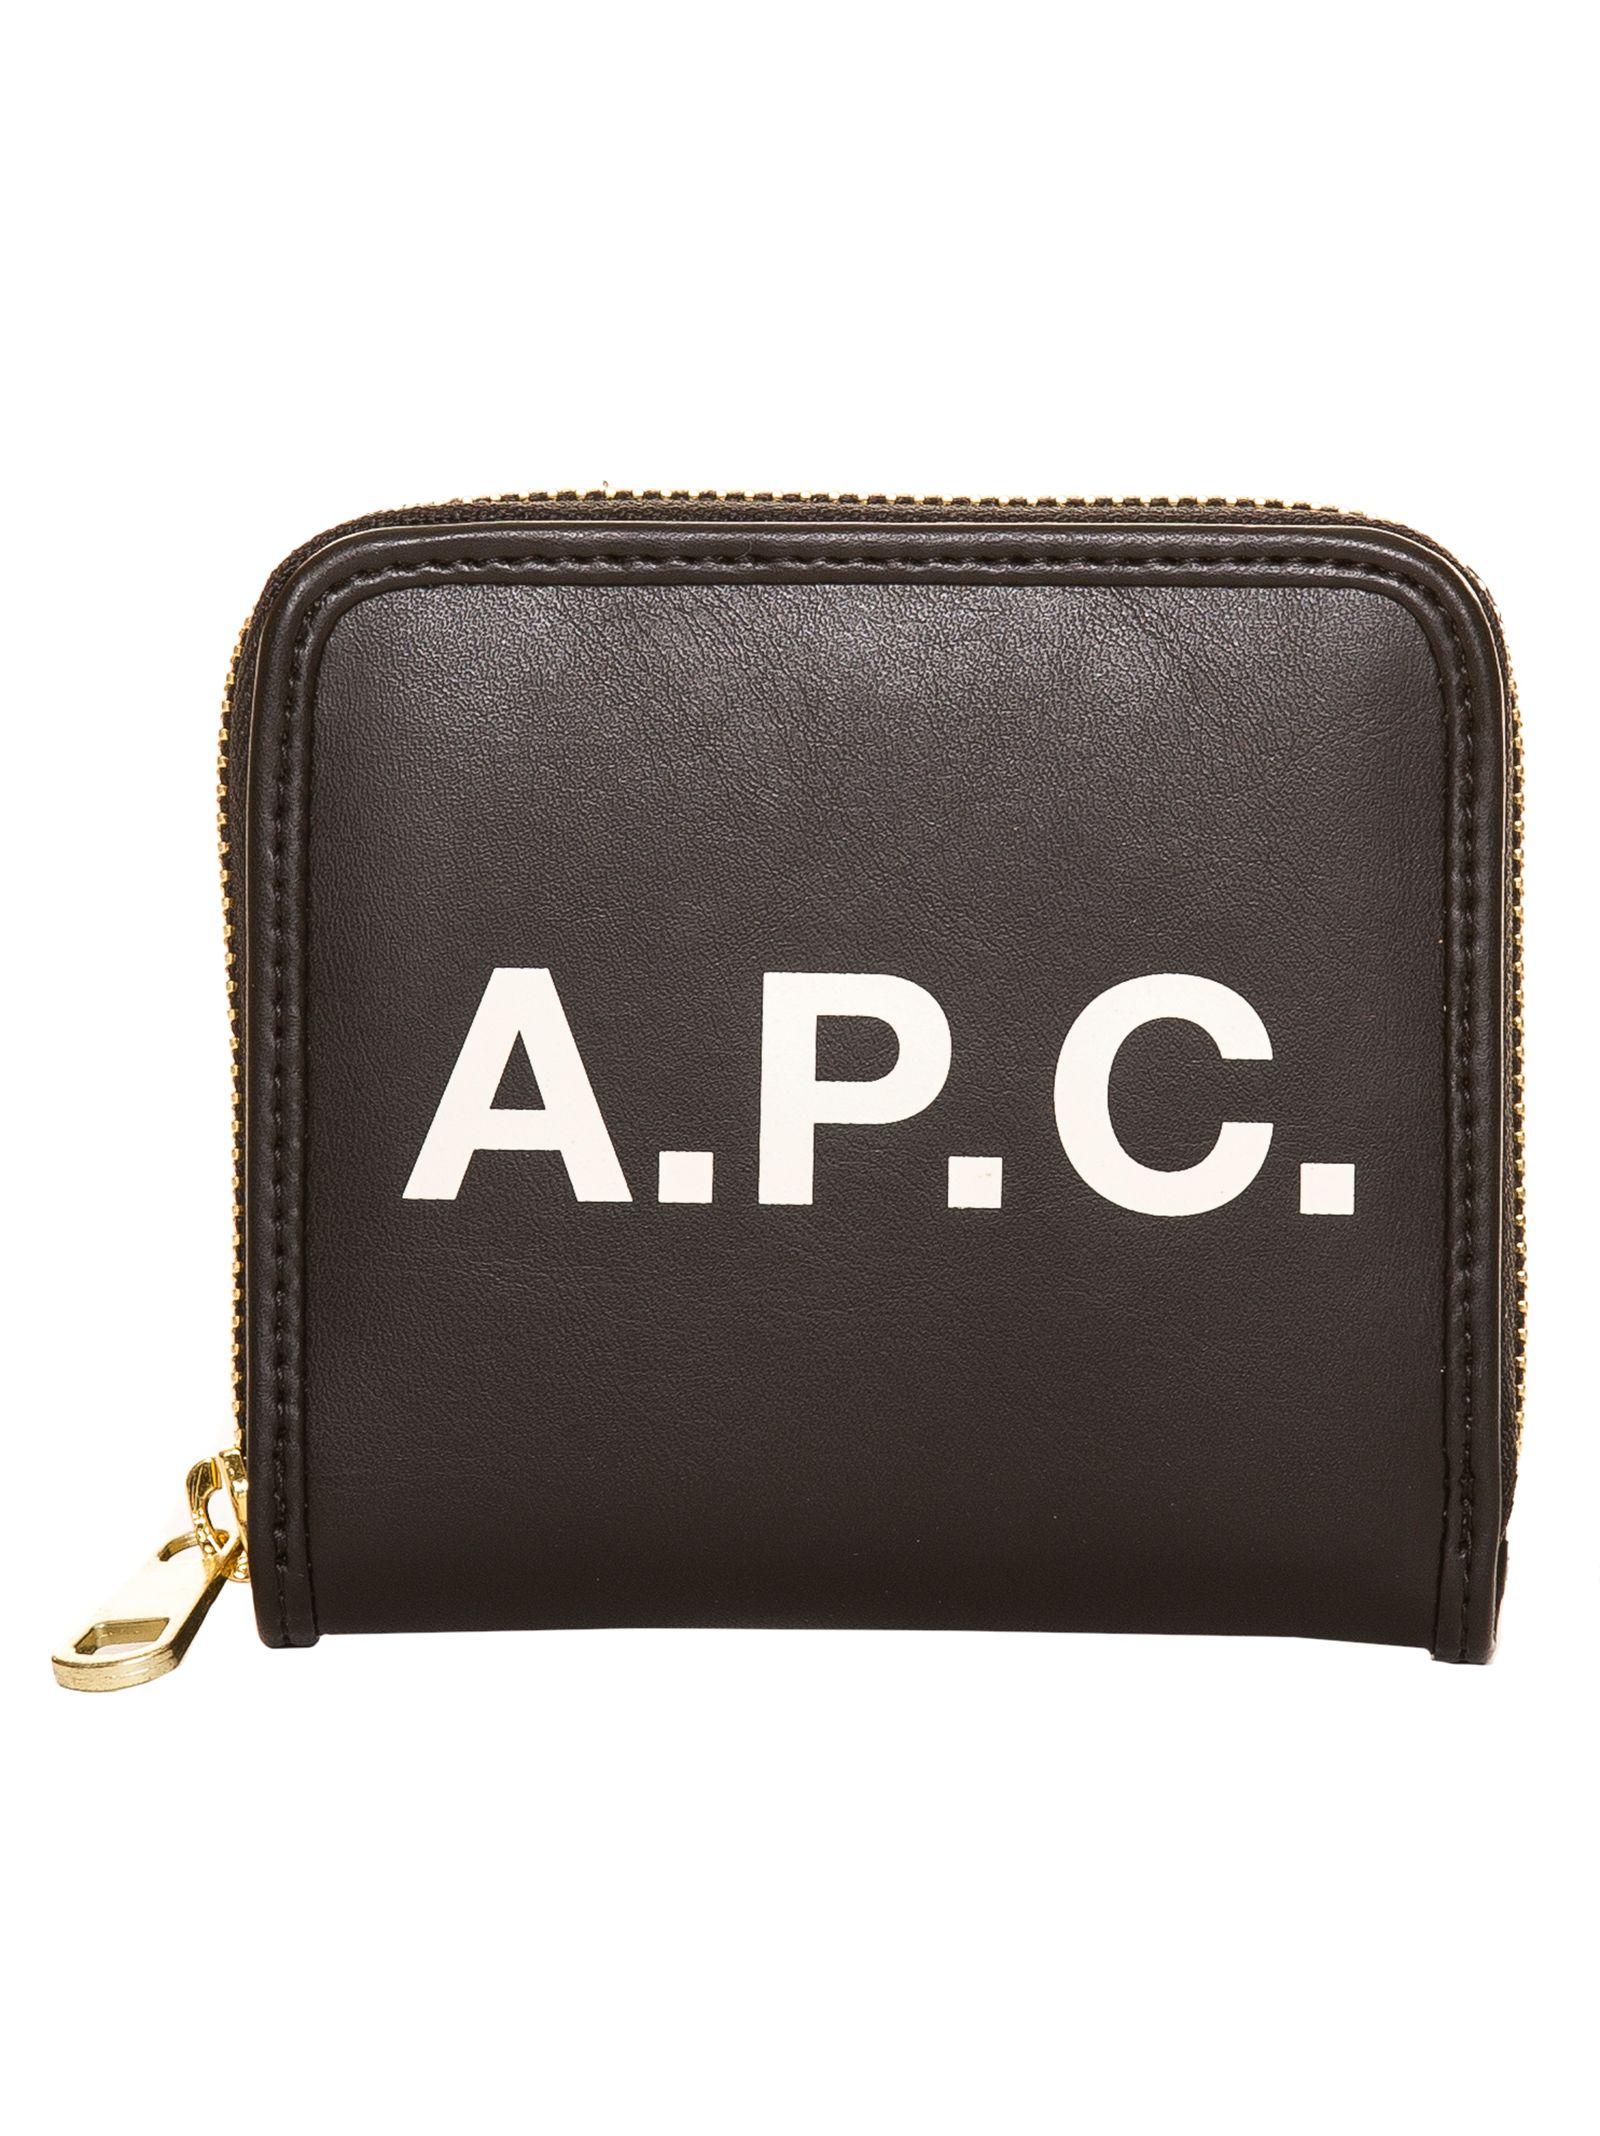 A.P.C. Morgane Compact Wallet, Nero